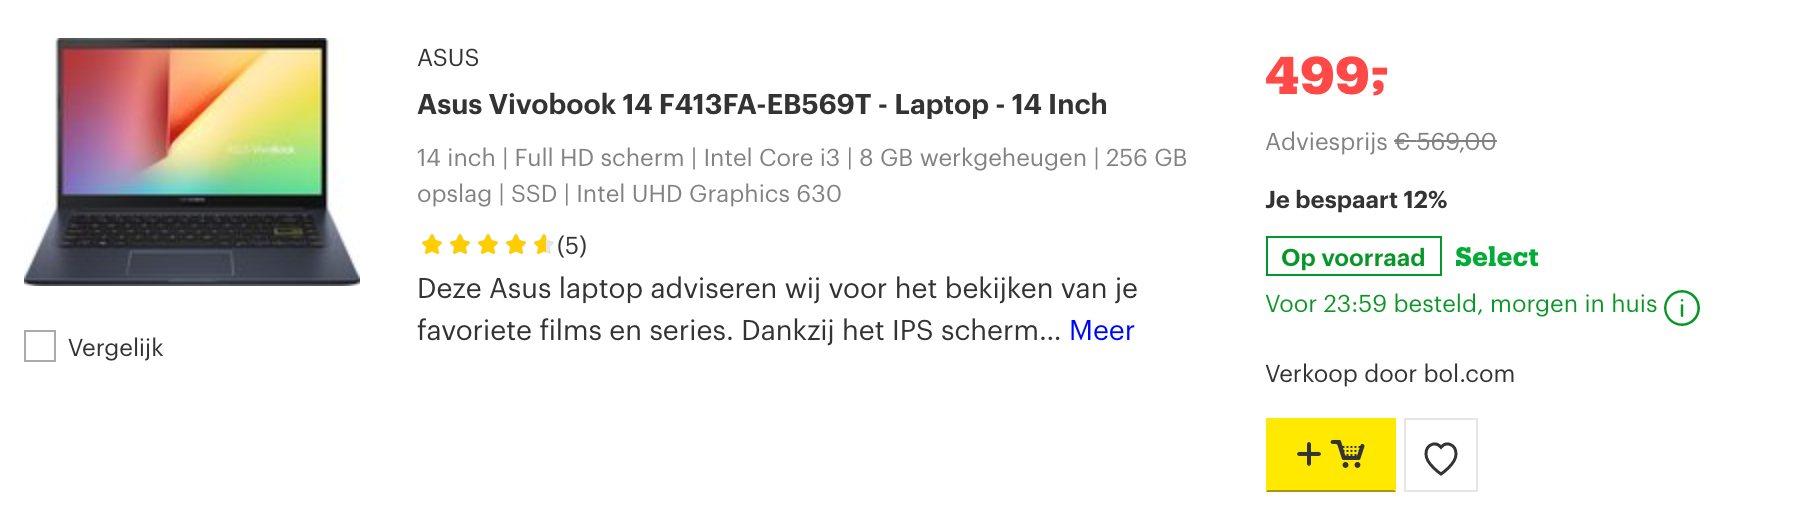 Asus Vivobook 14 F413FA-EB569T